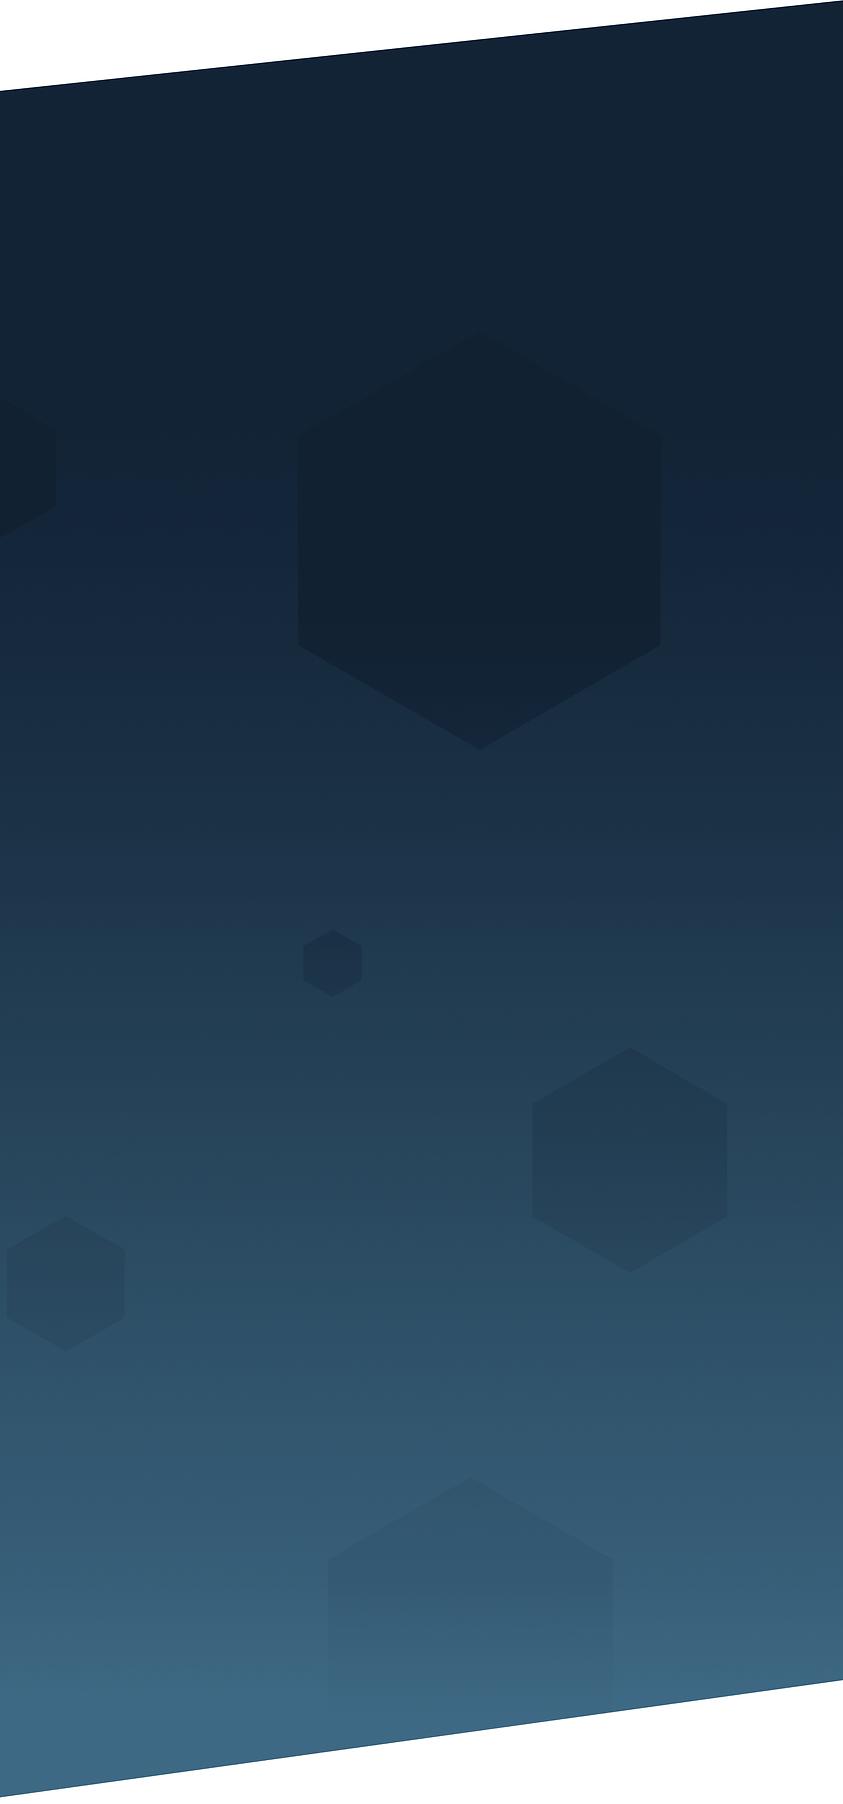 Gradient Dark Blue Background With Hexagons